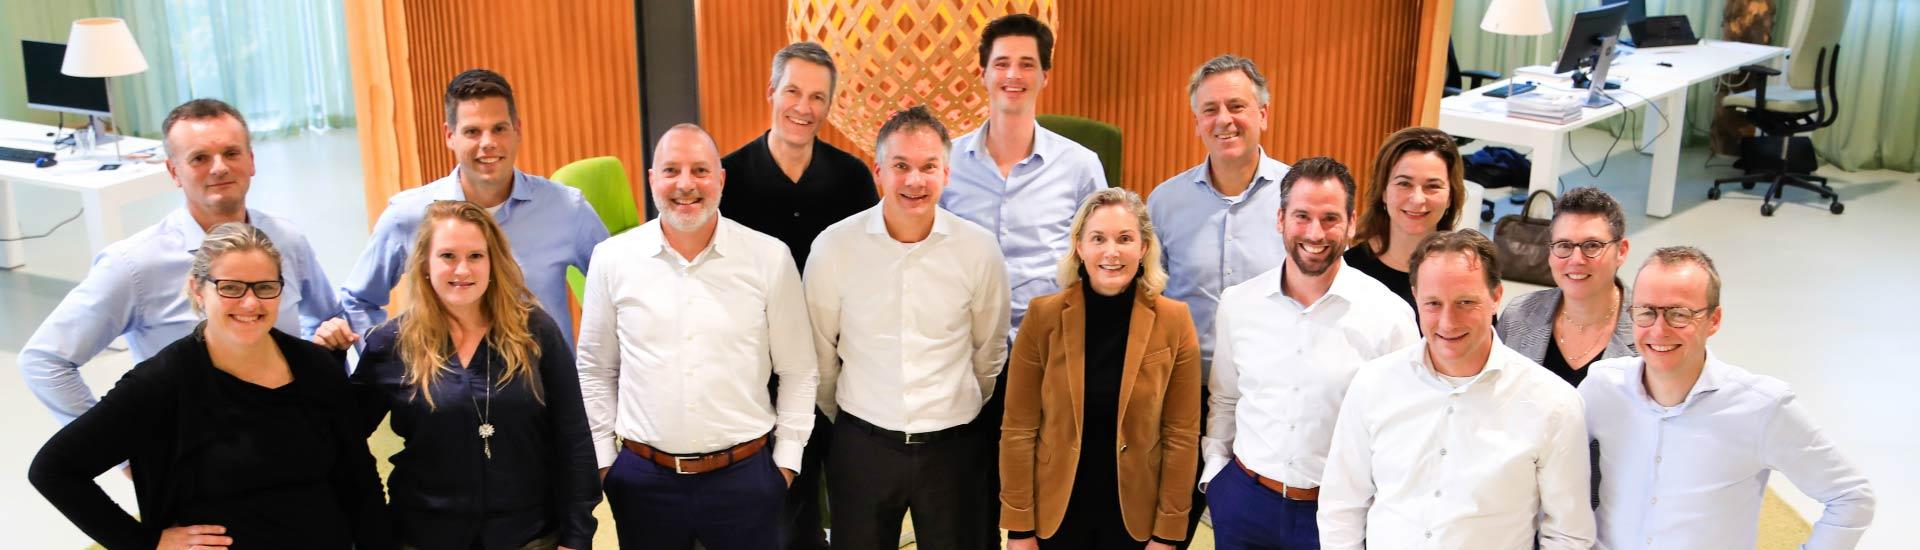 Het team van NPR Inkoopprofessionals